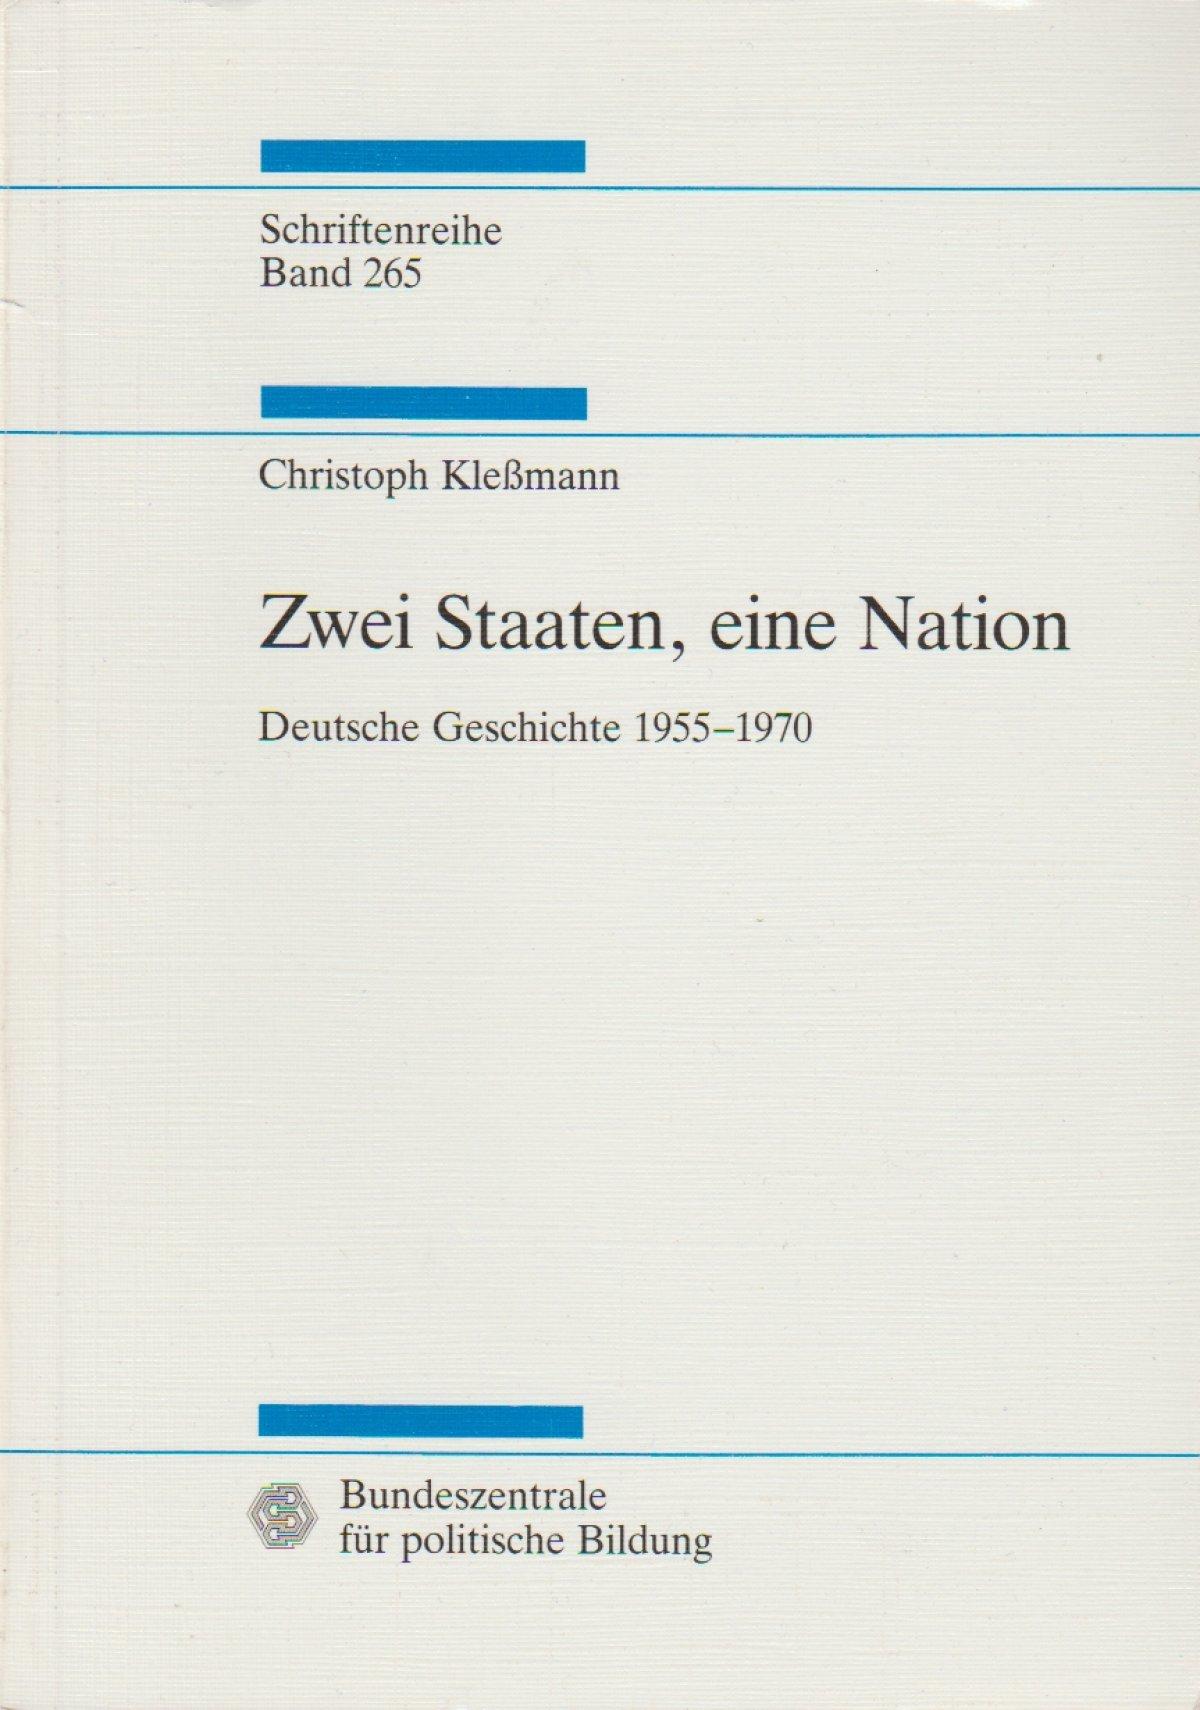 klessmann christoph zwei staaten eine nation deutsche geschichte 1955 1970